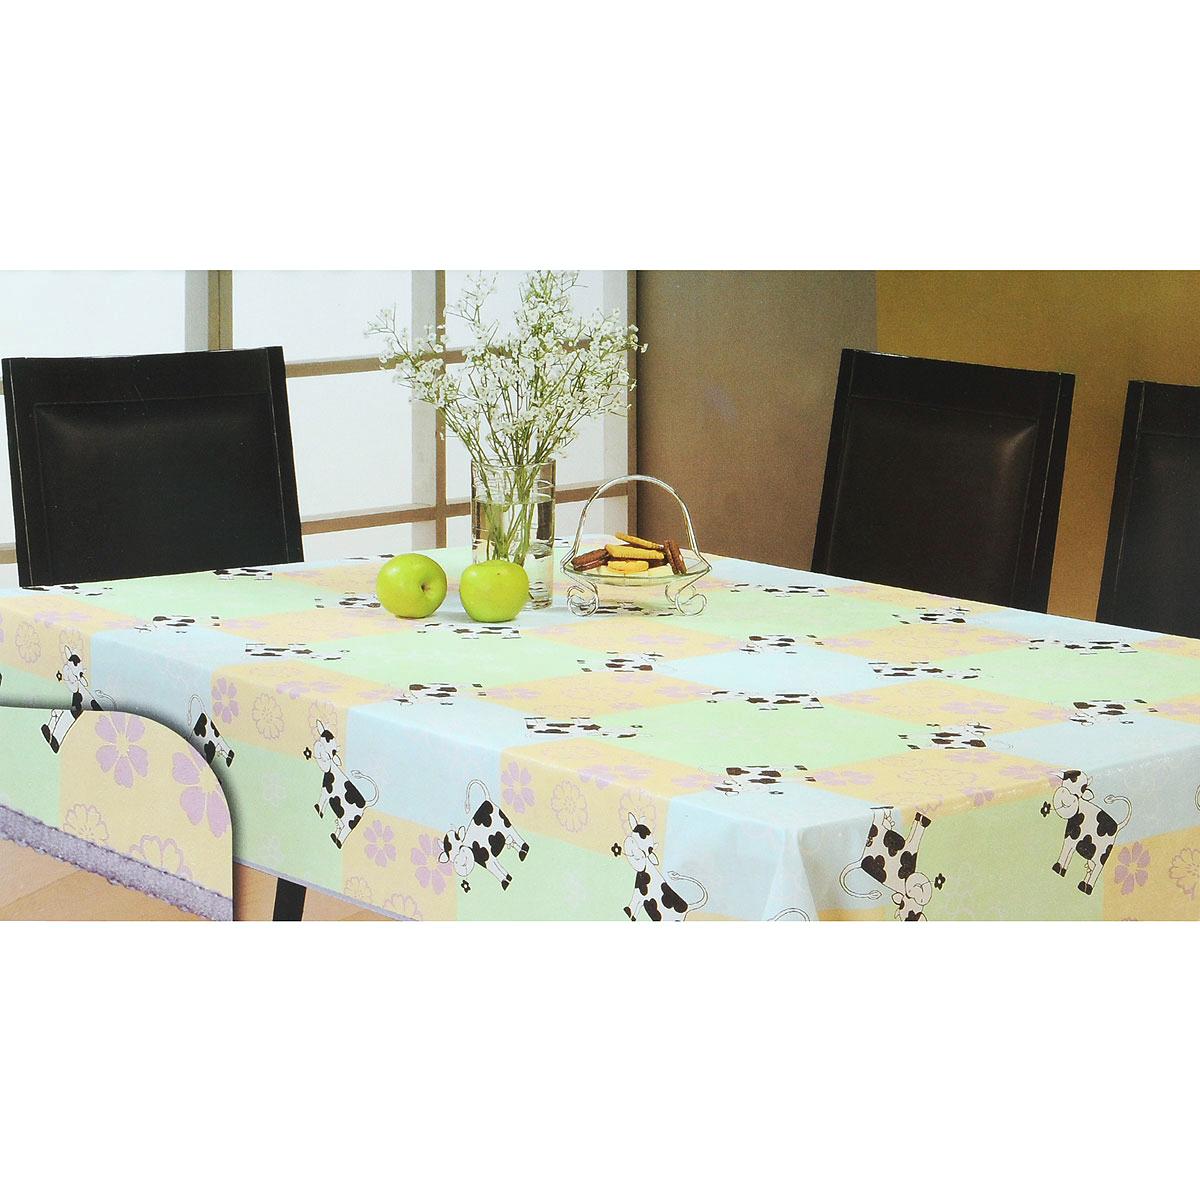 Скатерть White Fox Буренка, прямоугольная, цвет: голубой, светло-зеленый, 152x 228 смVT-1520(SR)Прямоугольная скатерть White Fox Буренка, выполненная из ПВХ с основой из флиса, предназначена для защиты стола от царапин, пятен и крошек. Край скатерти обработан строчкой. Скатерть оформлена изображением милых коров, а рифлёная поверхность формирует приятные тактильные ощущения, при этом частички пищи удаляются с легкостью и поверхность остается всегда чистой. Скатерть термостойкая, выдерживает температуру до +70 °C.Скатерть White Fox проста в уходе - её можно протирать любыми моющими средствами при необходимости.Скатерть упакована в виниловый пакет с внутренним цветным вкладышем и подвесом в виде крючка.